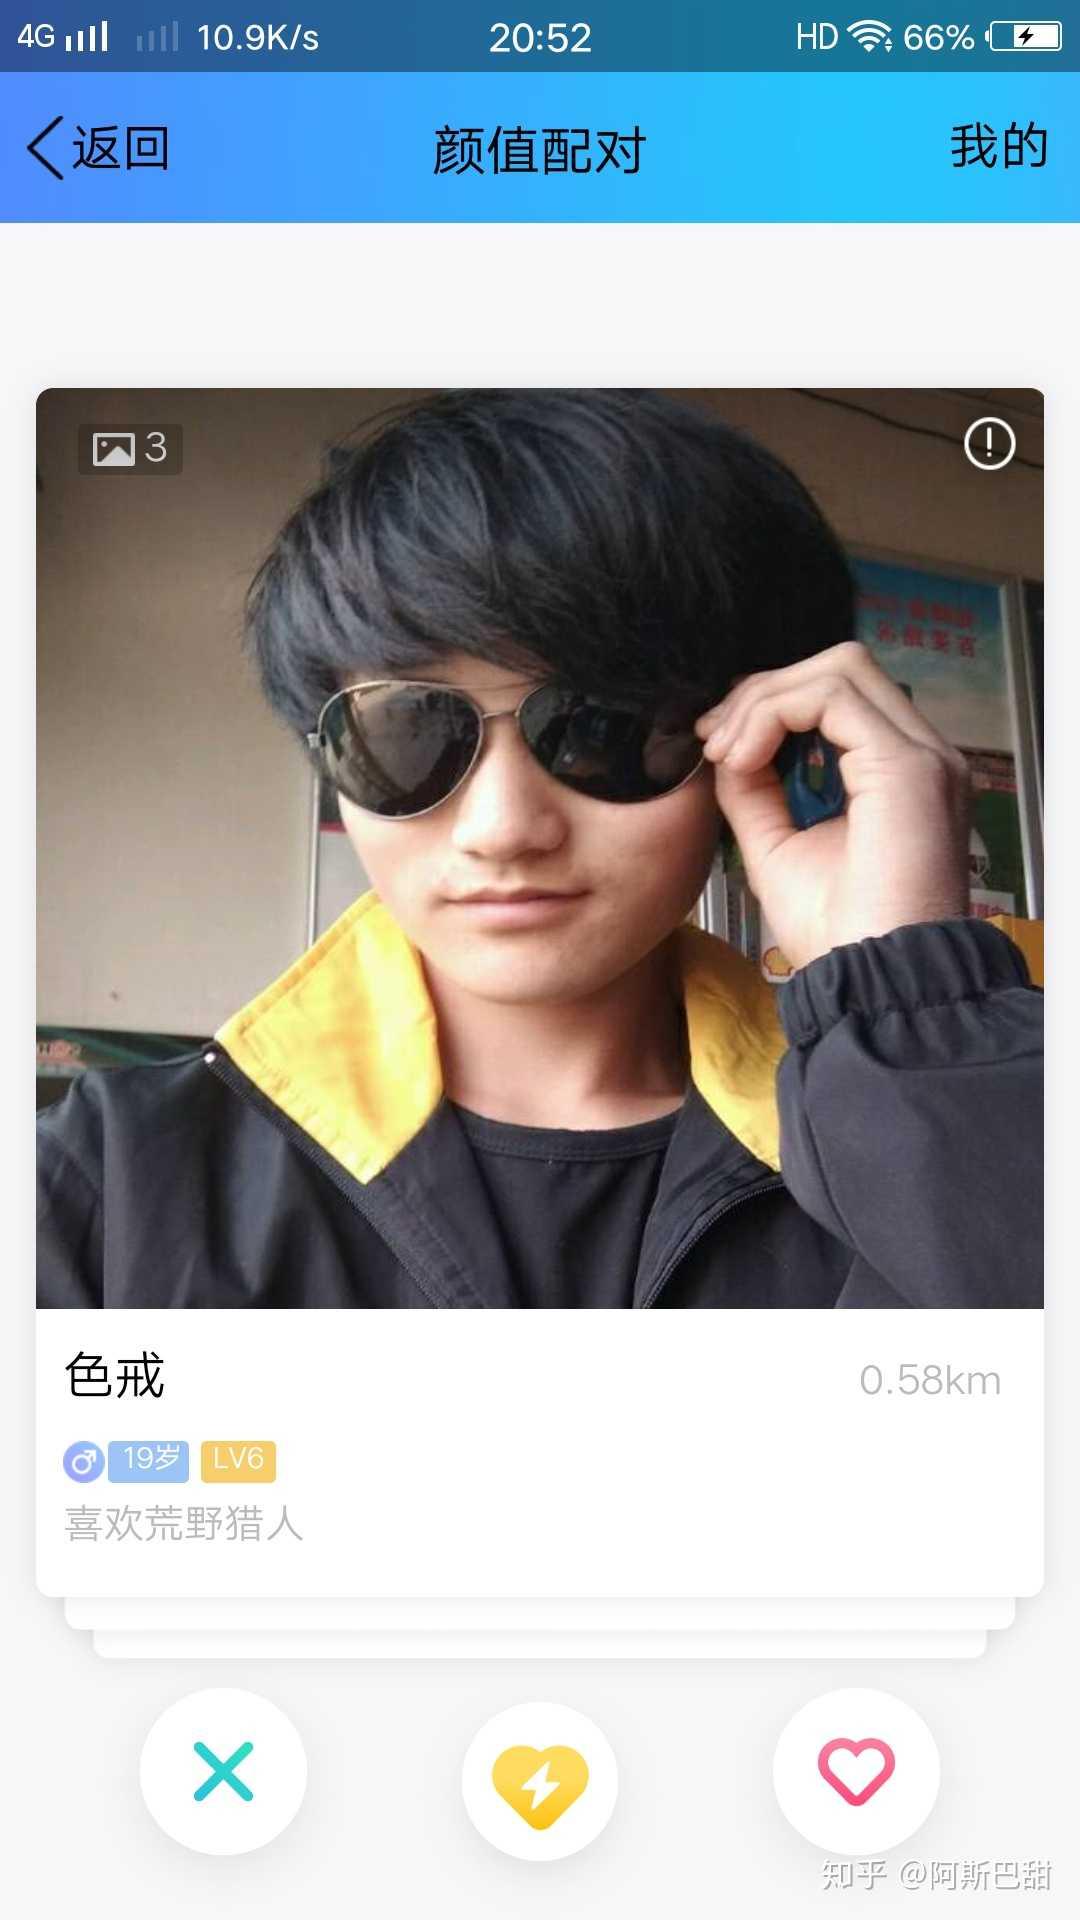 无意间发现腾讯QQ最近推出了颜值配对… -